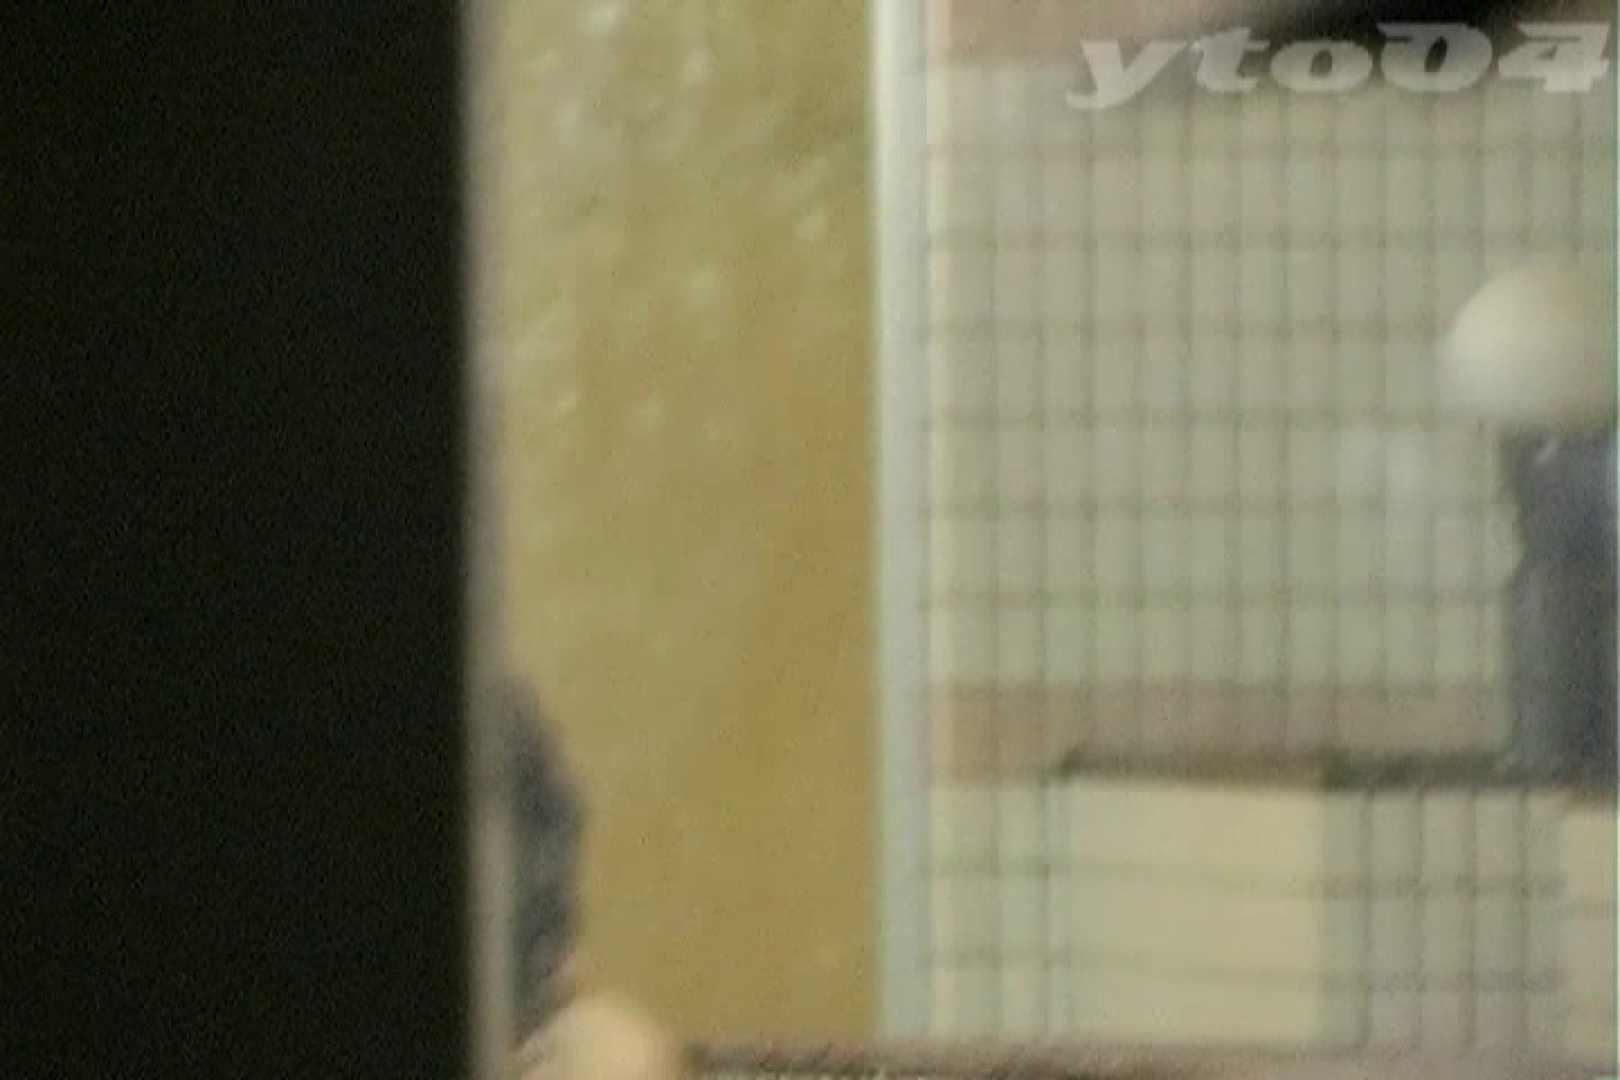 ▲復活限定▲合宿ホテル女風呂盗撮 Vol.24 合宿 アダルト動画キャプチャ 74画像 22